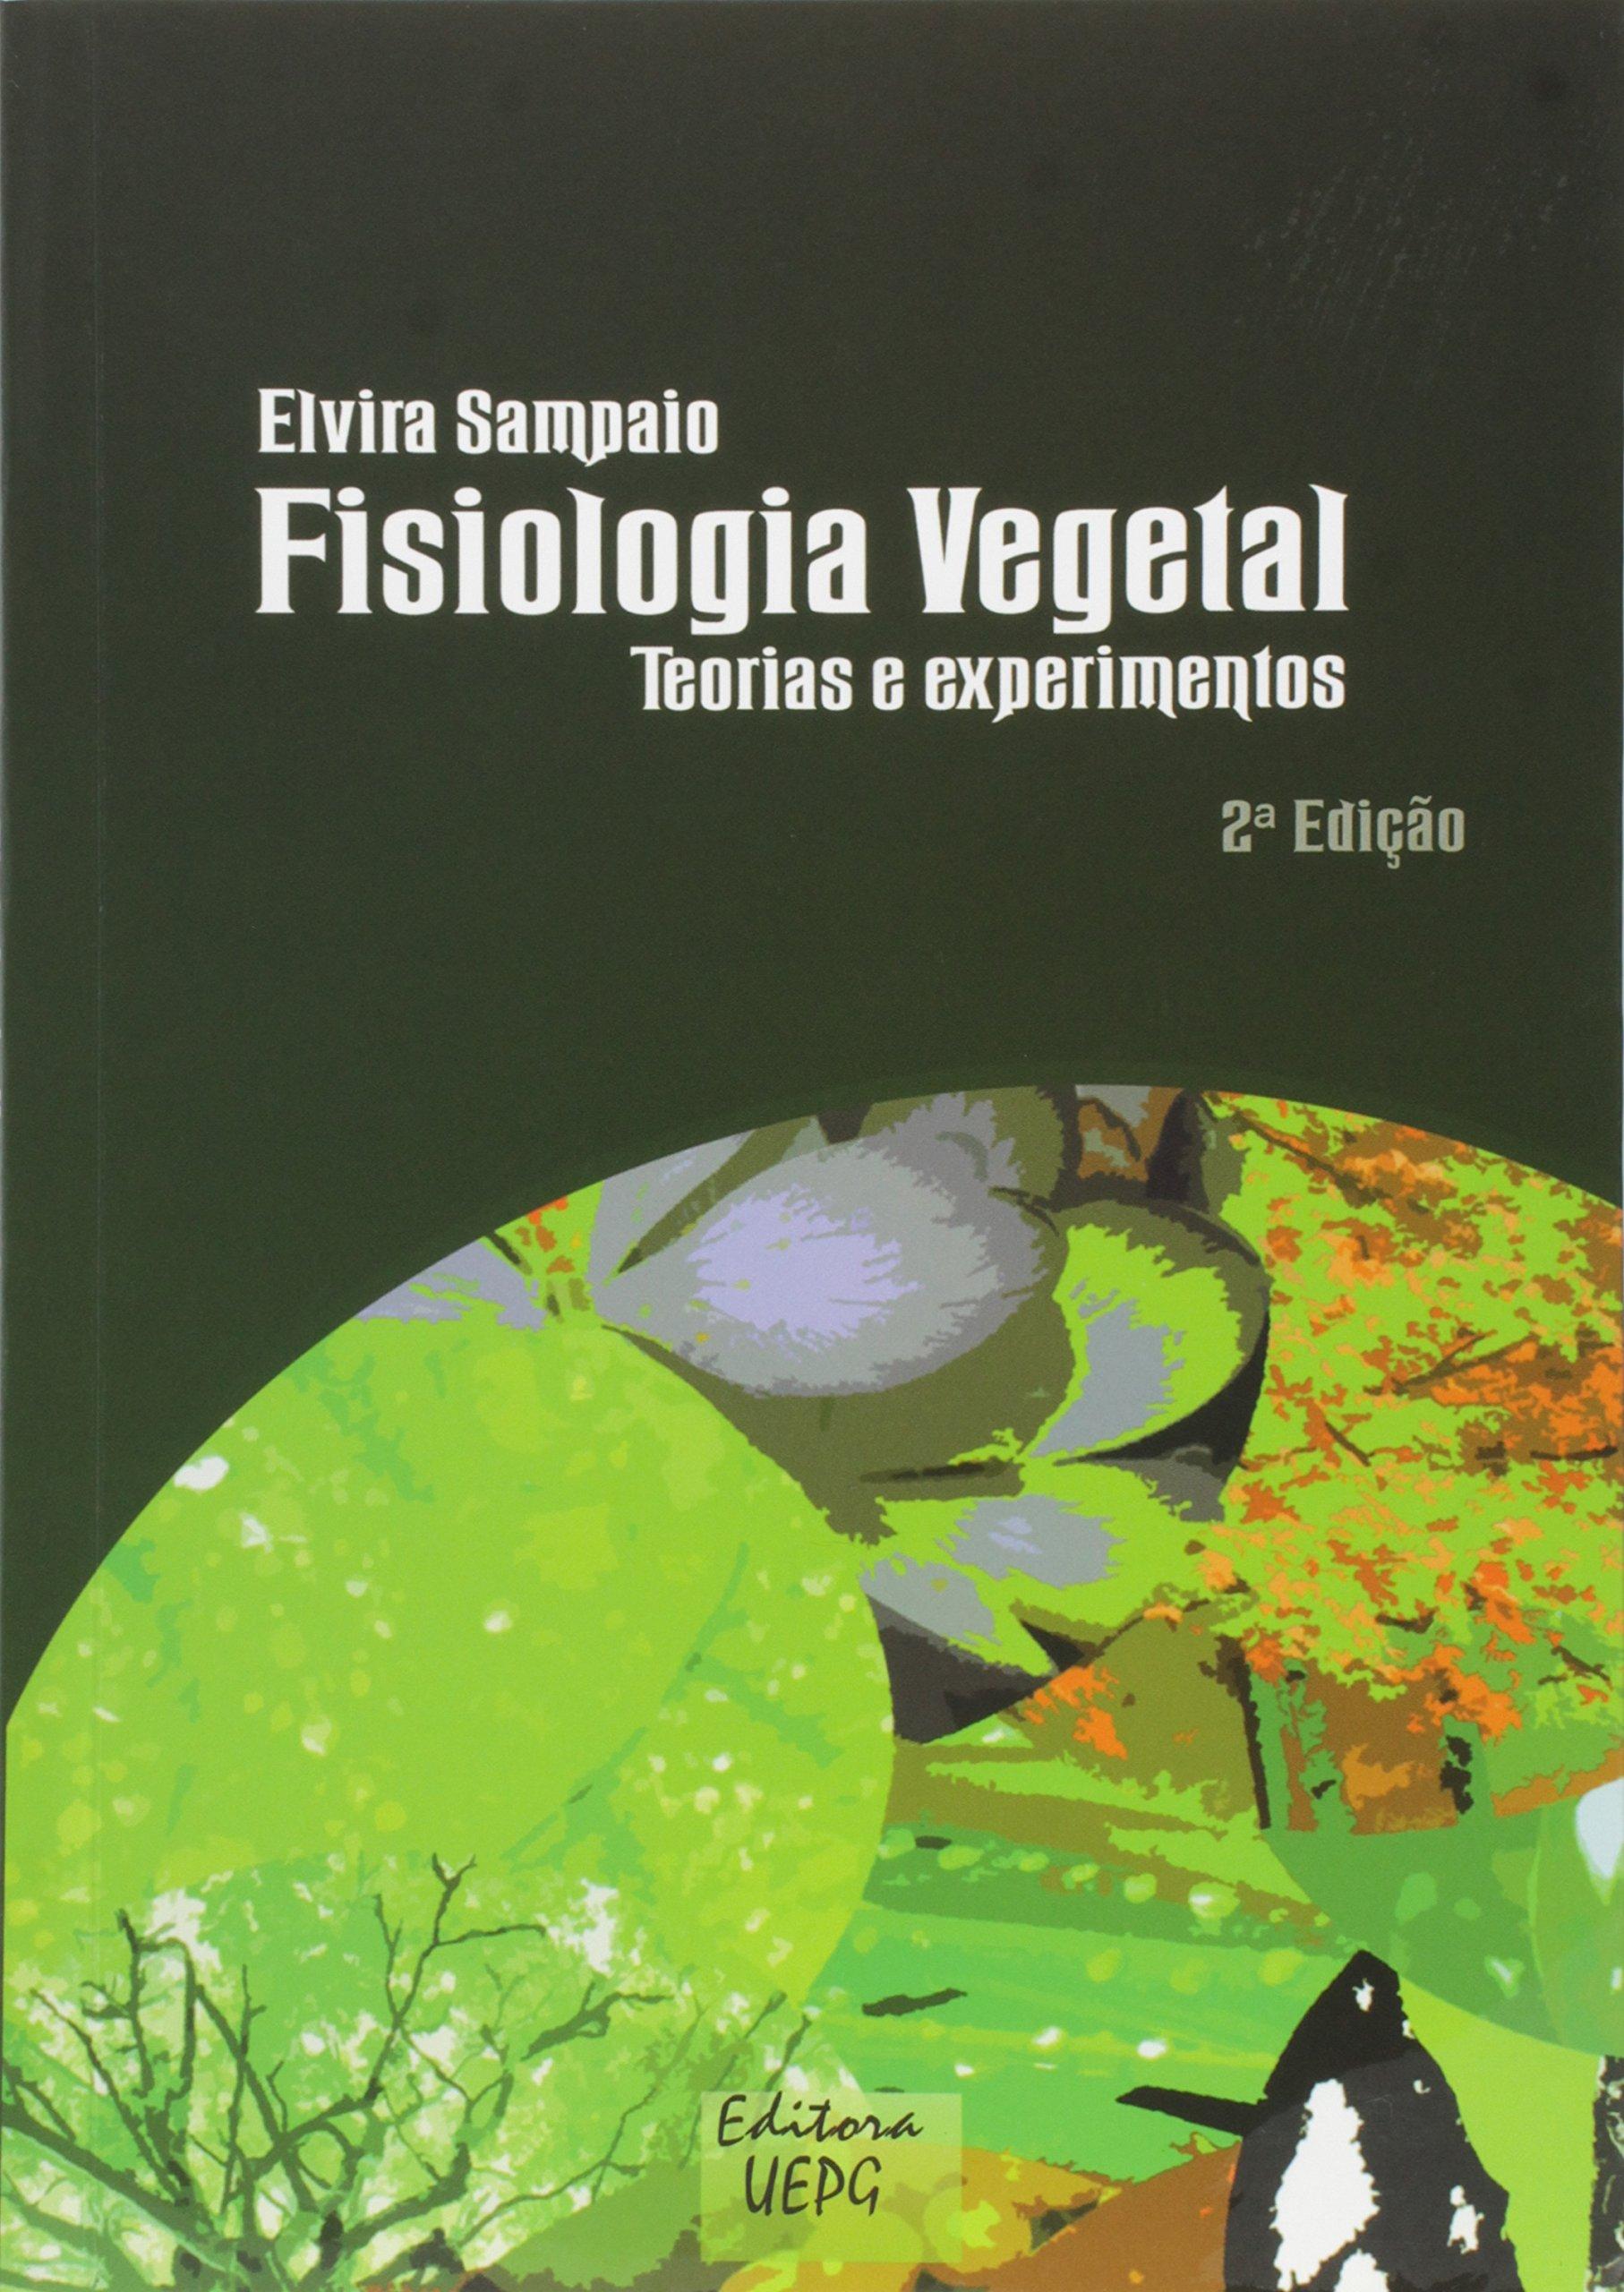 Fisiologia vegetal: teorias e experimentos, livro de Elvira Sampaio